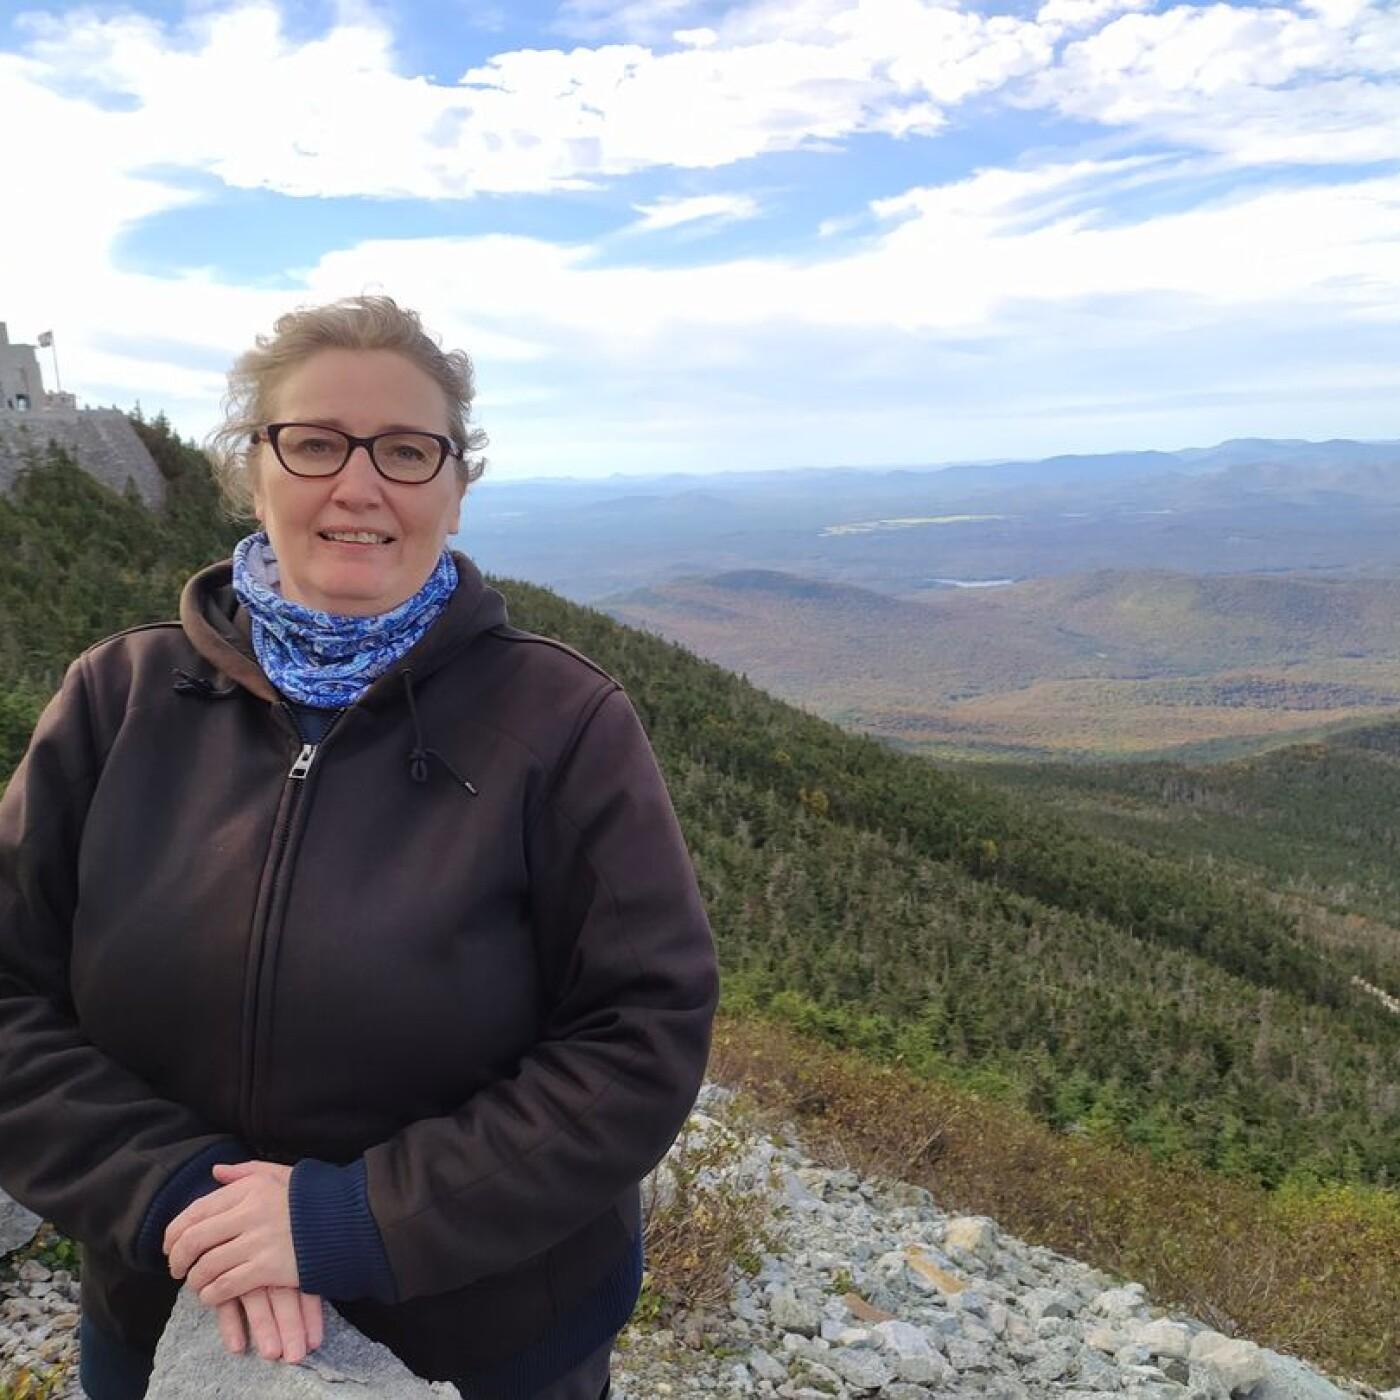 De la Cibi à Perry, écoutez le chemin de vie de Géraldine aujourd'hui installée à Adirondacks, USA - 08 10 2021 - StereoChic Radio